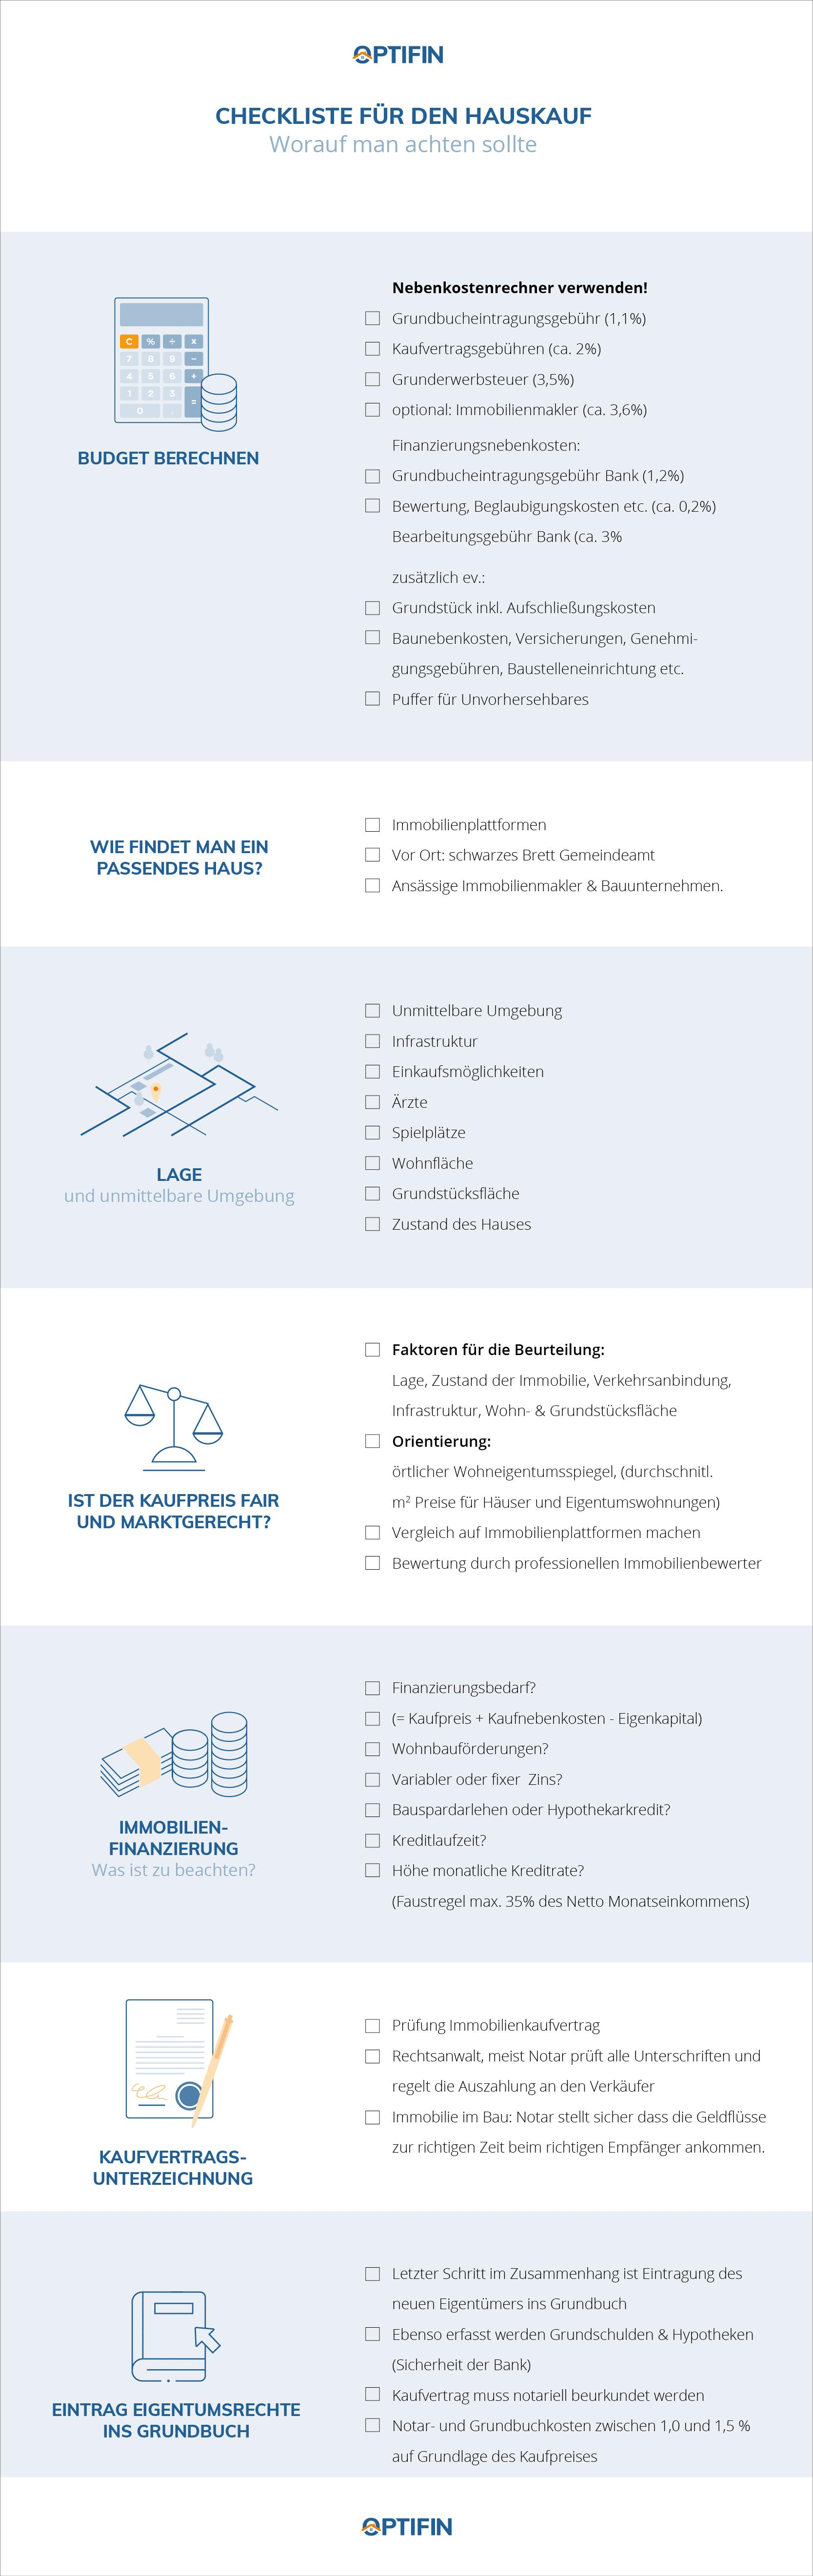 Checkliste_Hauskauf